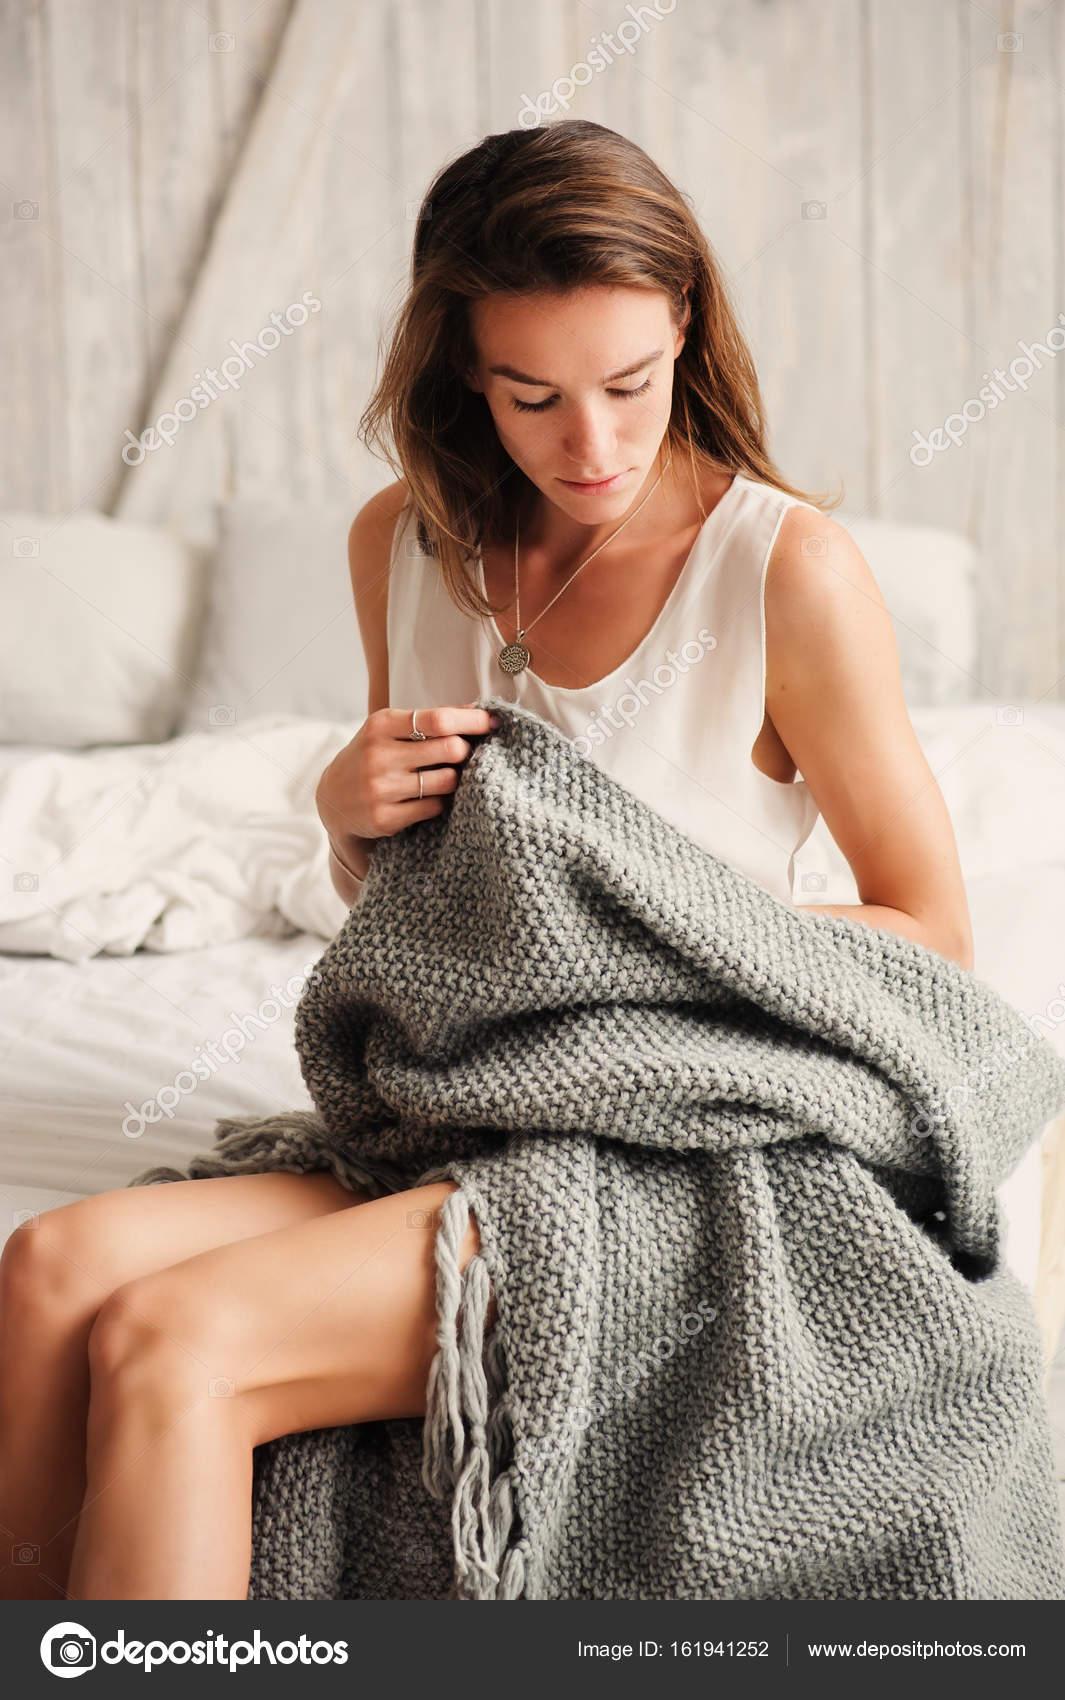 Сексуальные образы в постели